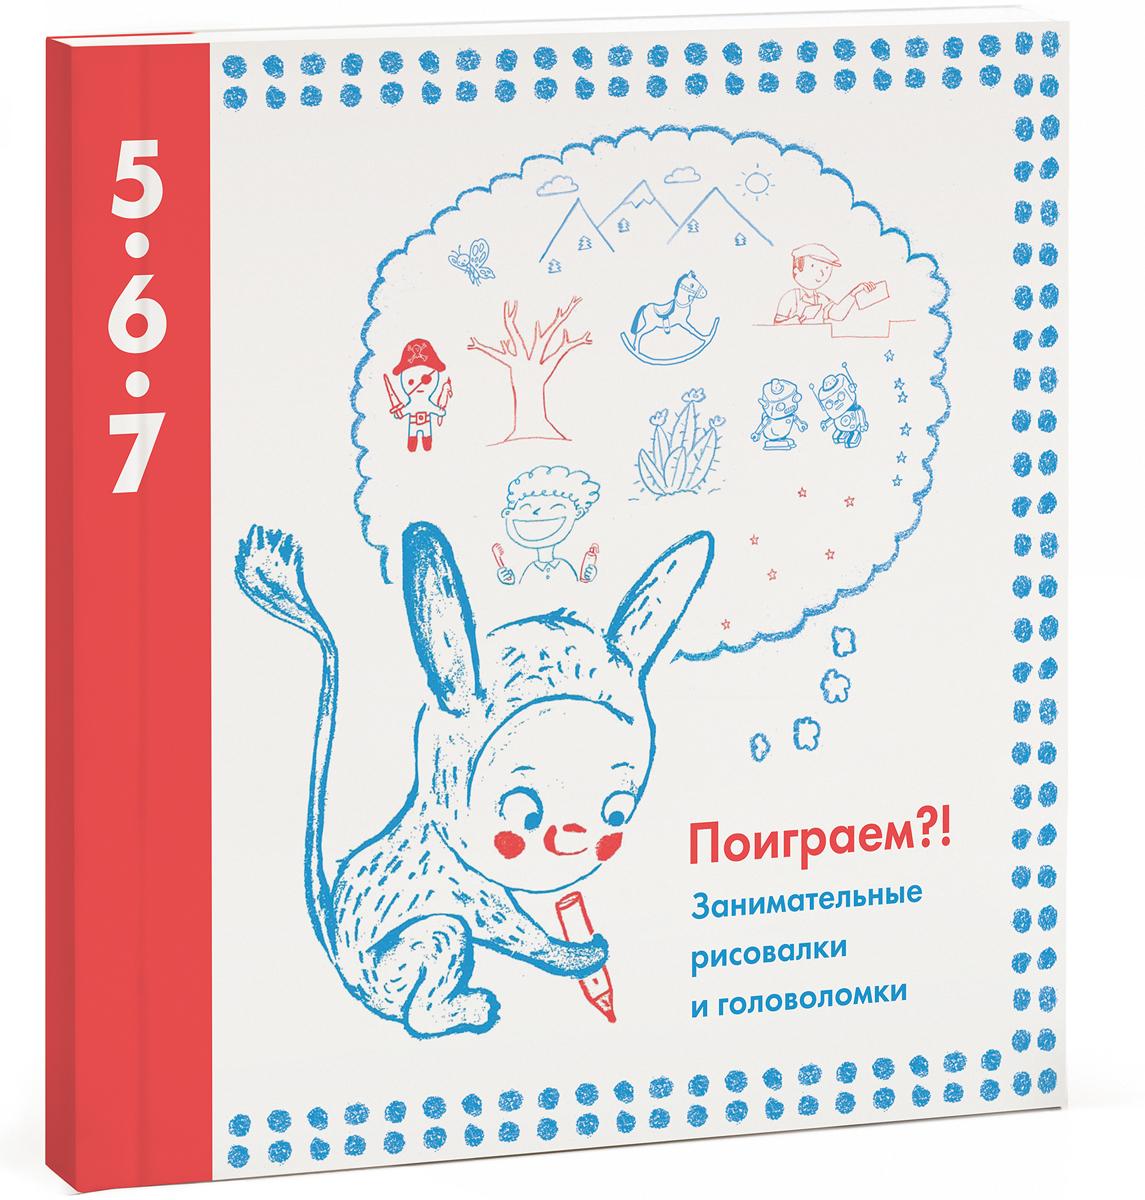 Поиграем?! Занимательные рисовалки и головоломки. Для детей от 5 до 7 лет